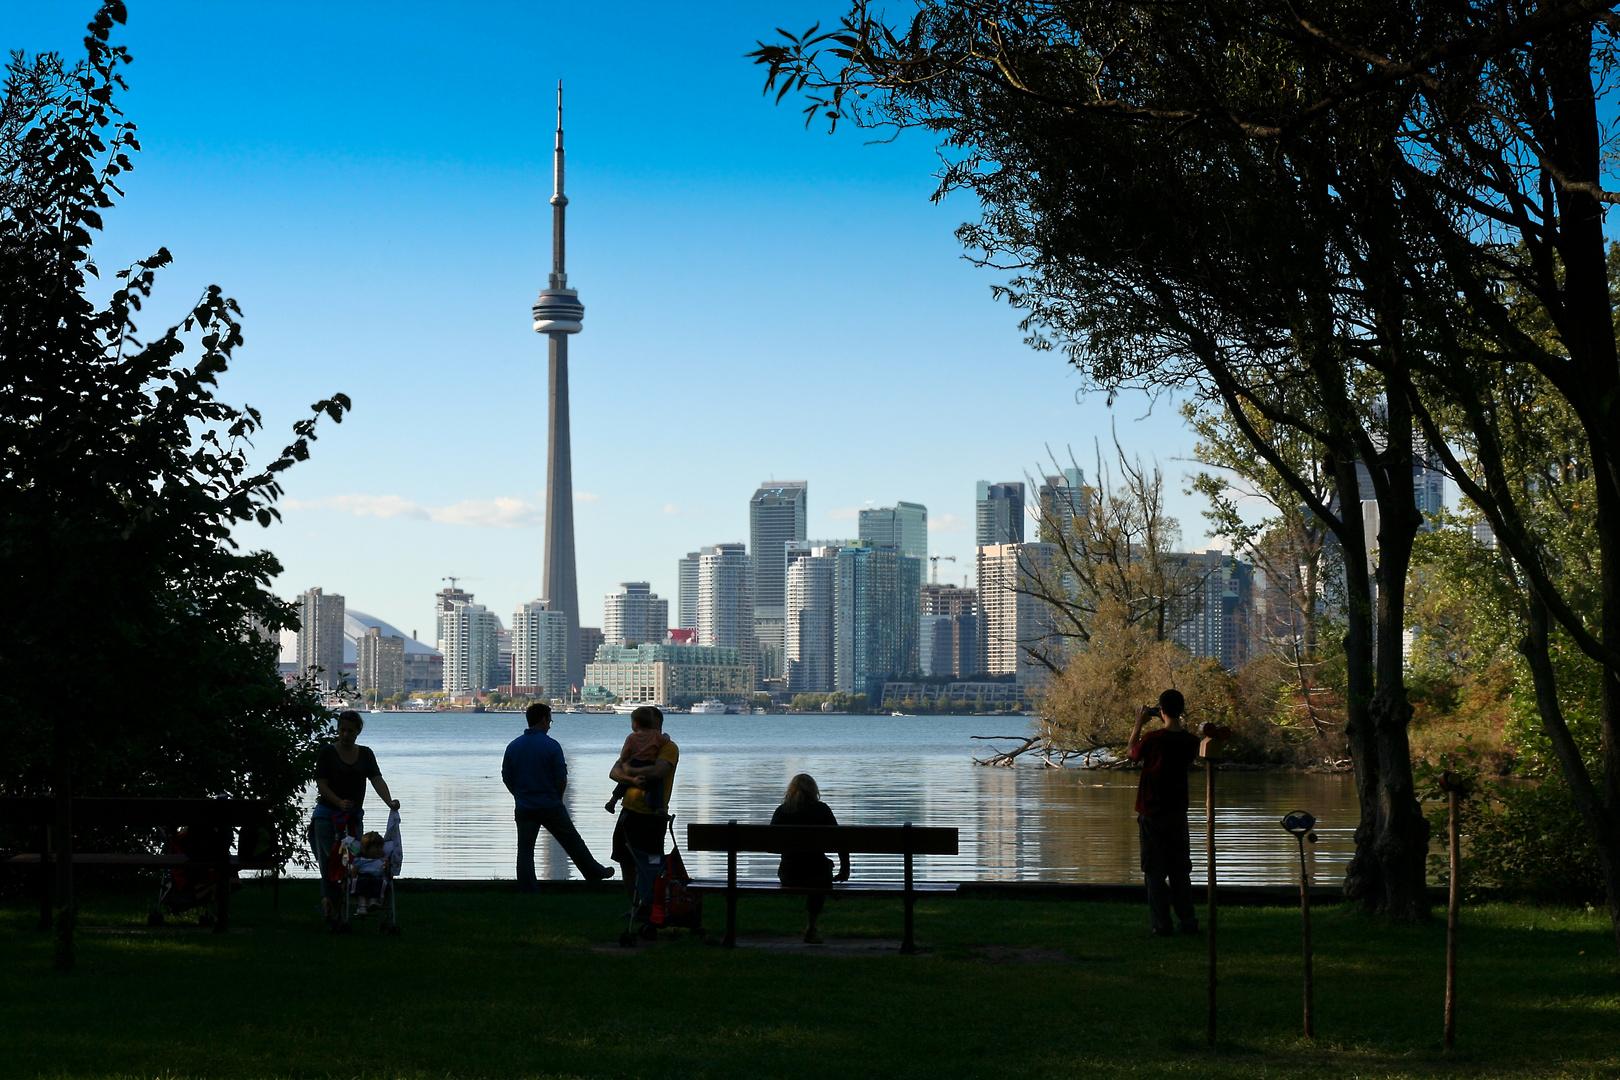 Toronto - Monday Afternoon